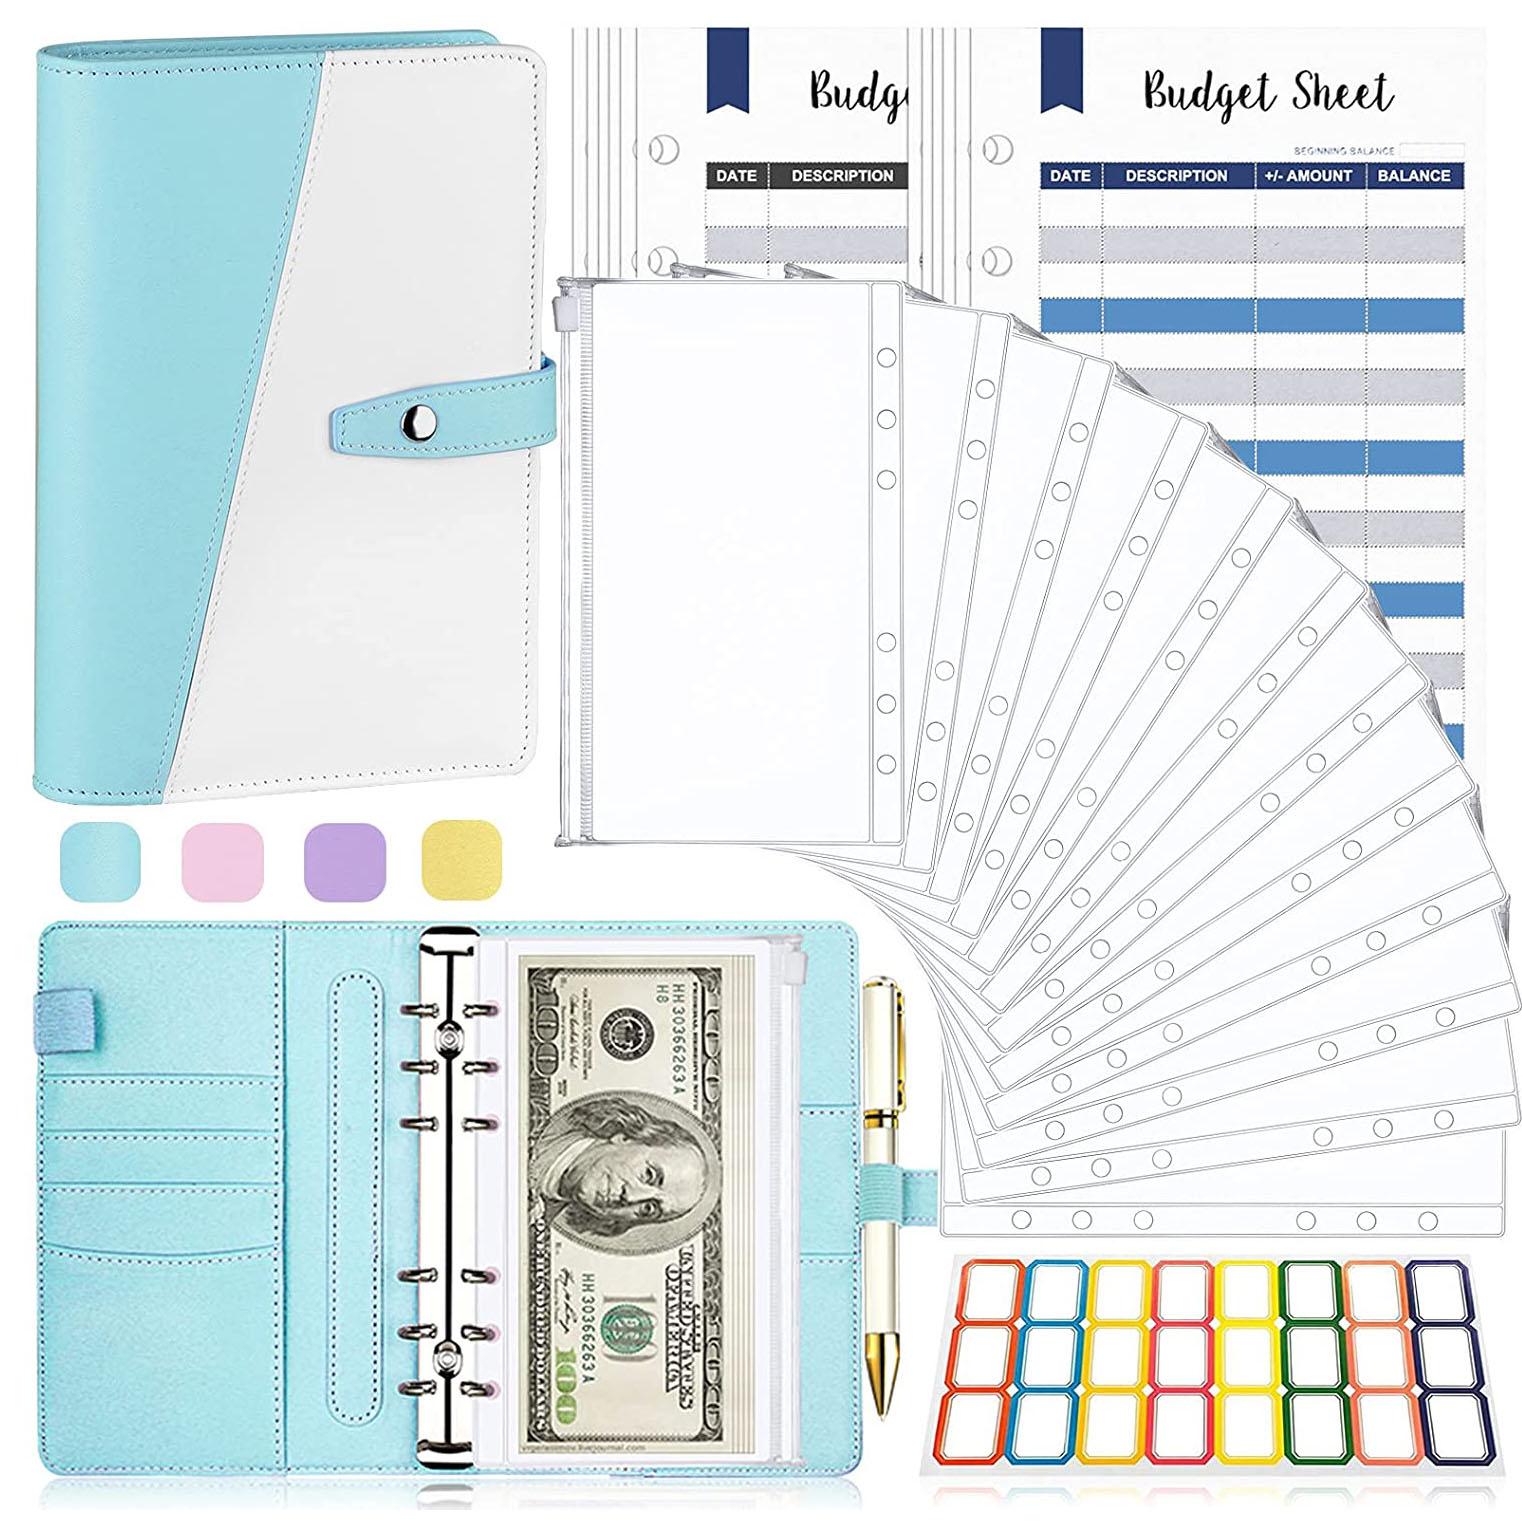 А6 конверты для денег и бюджетных листов, папка для денег, конверты для наличных для бюджетных целей, органайзер для денег